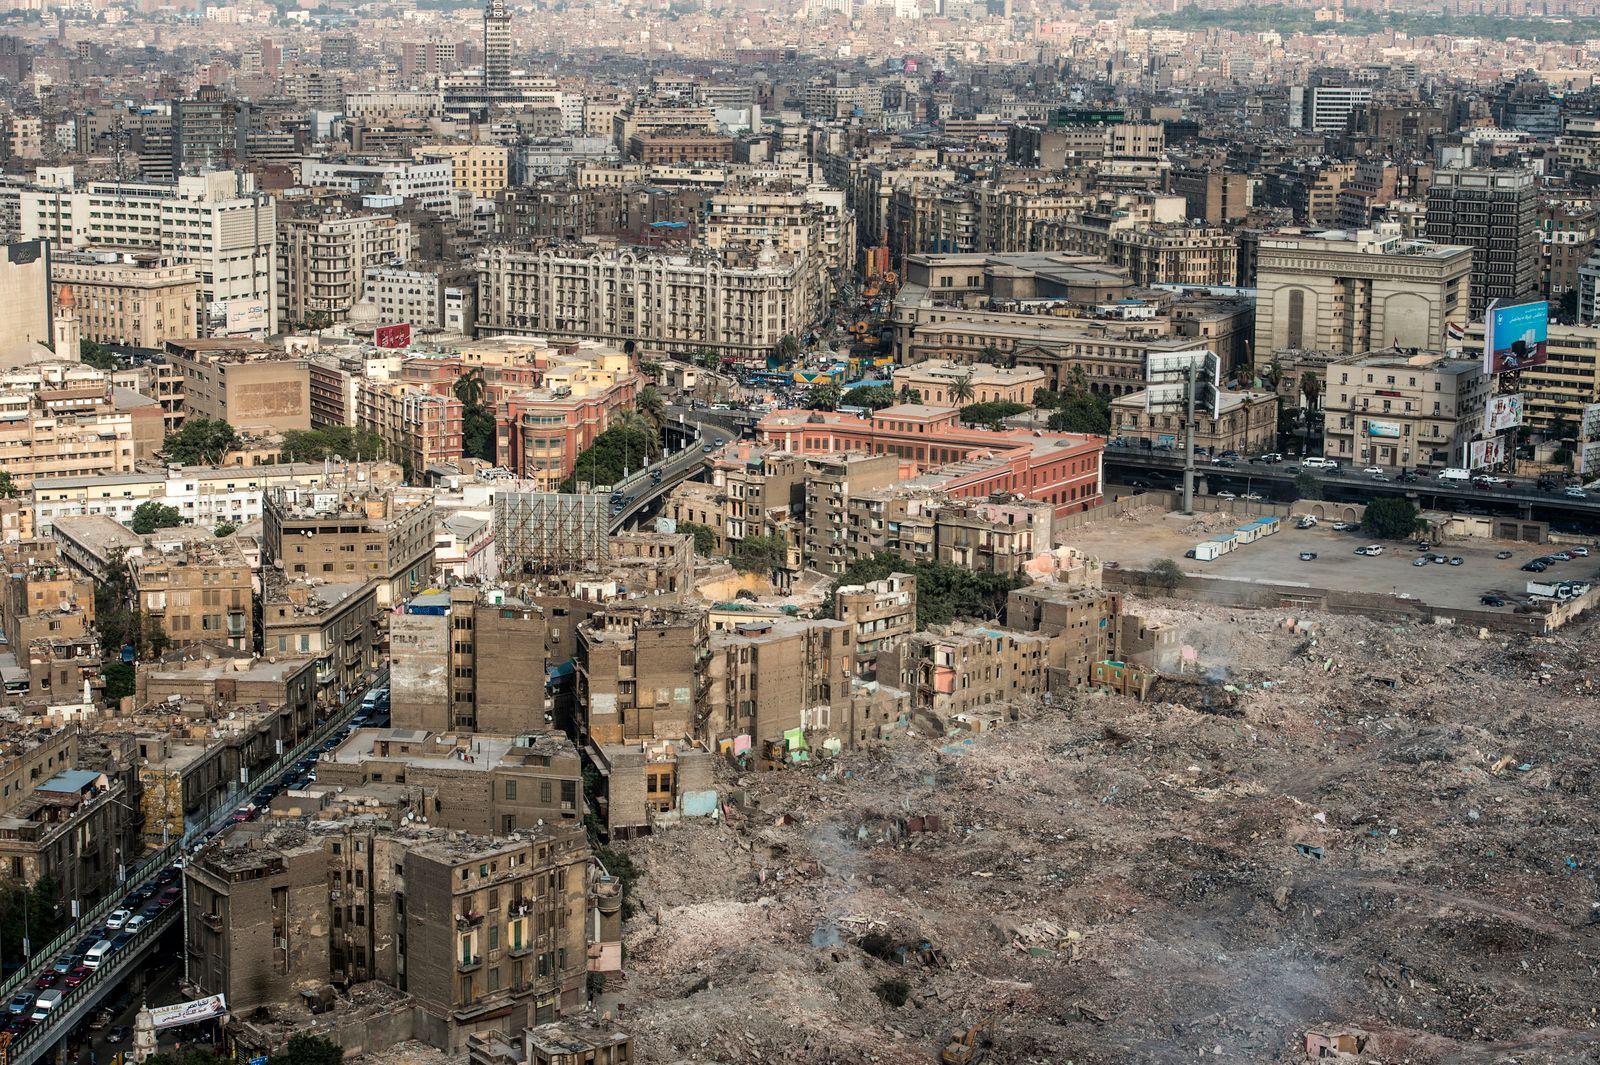 EGYPT-MASPERO-SLUM